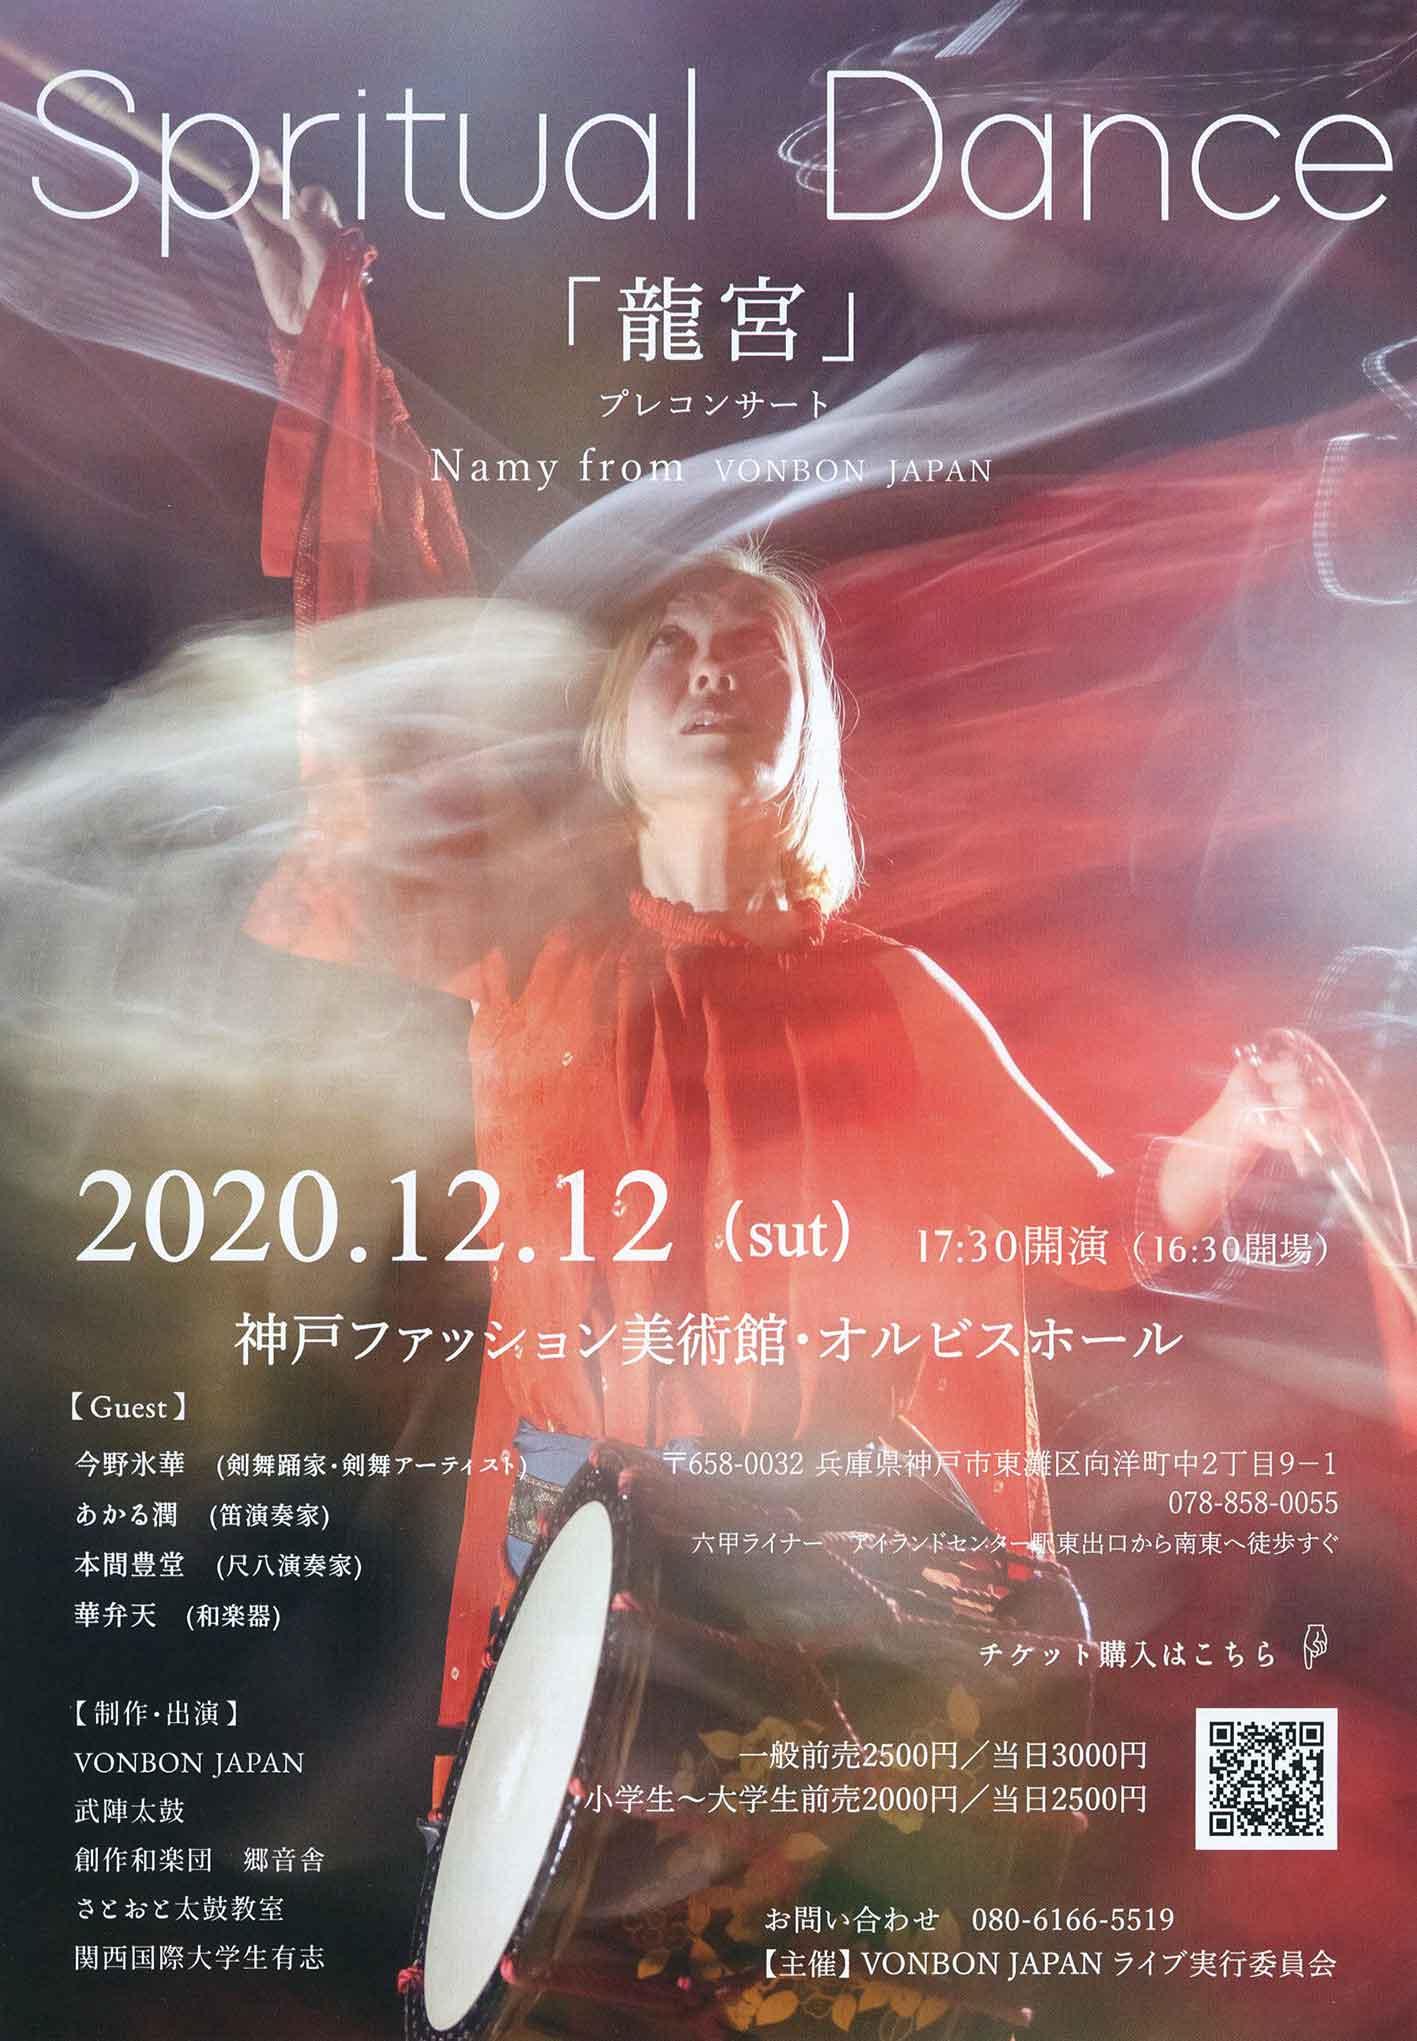 [オルビスホール情報] 12/12(土)  〜Spiritual Dance「龍宮」プレコンサート〜開催!